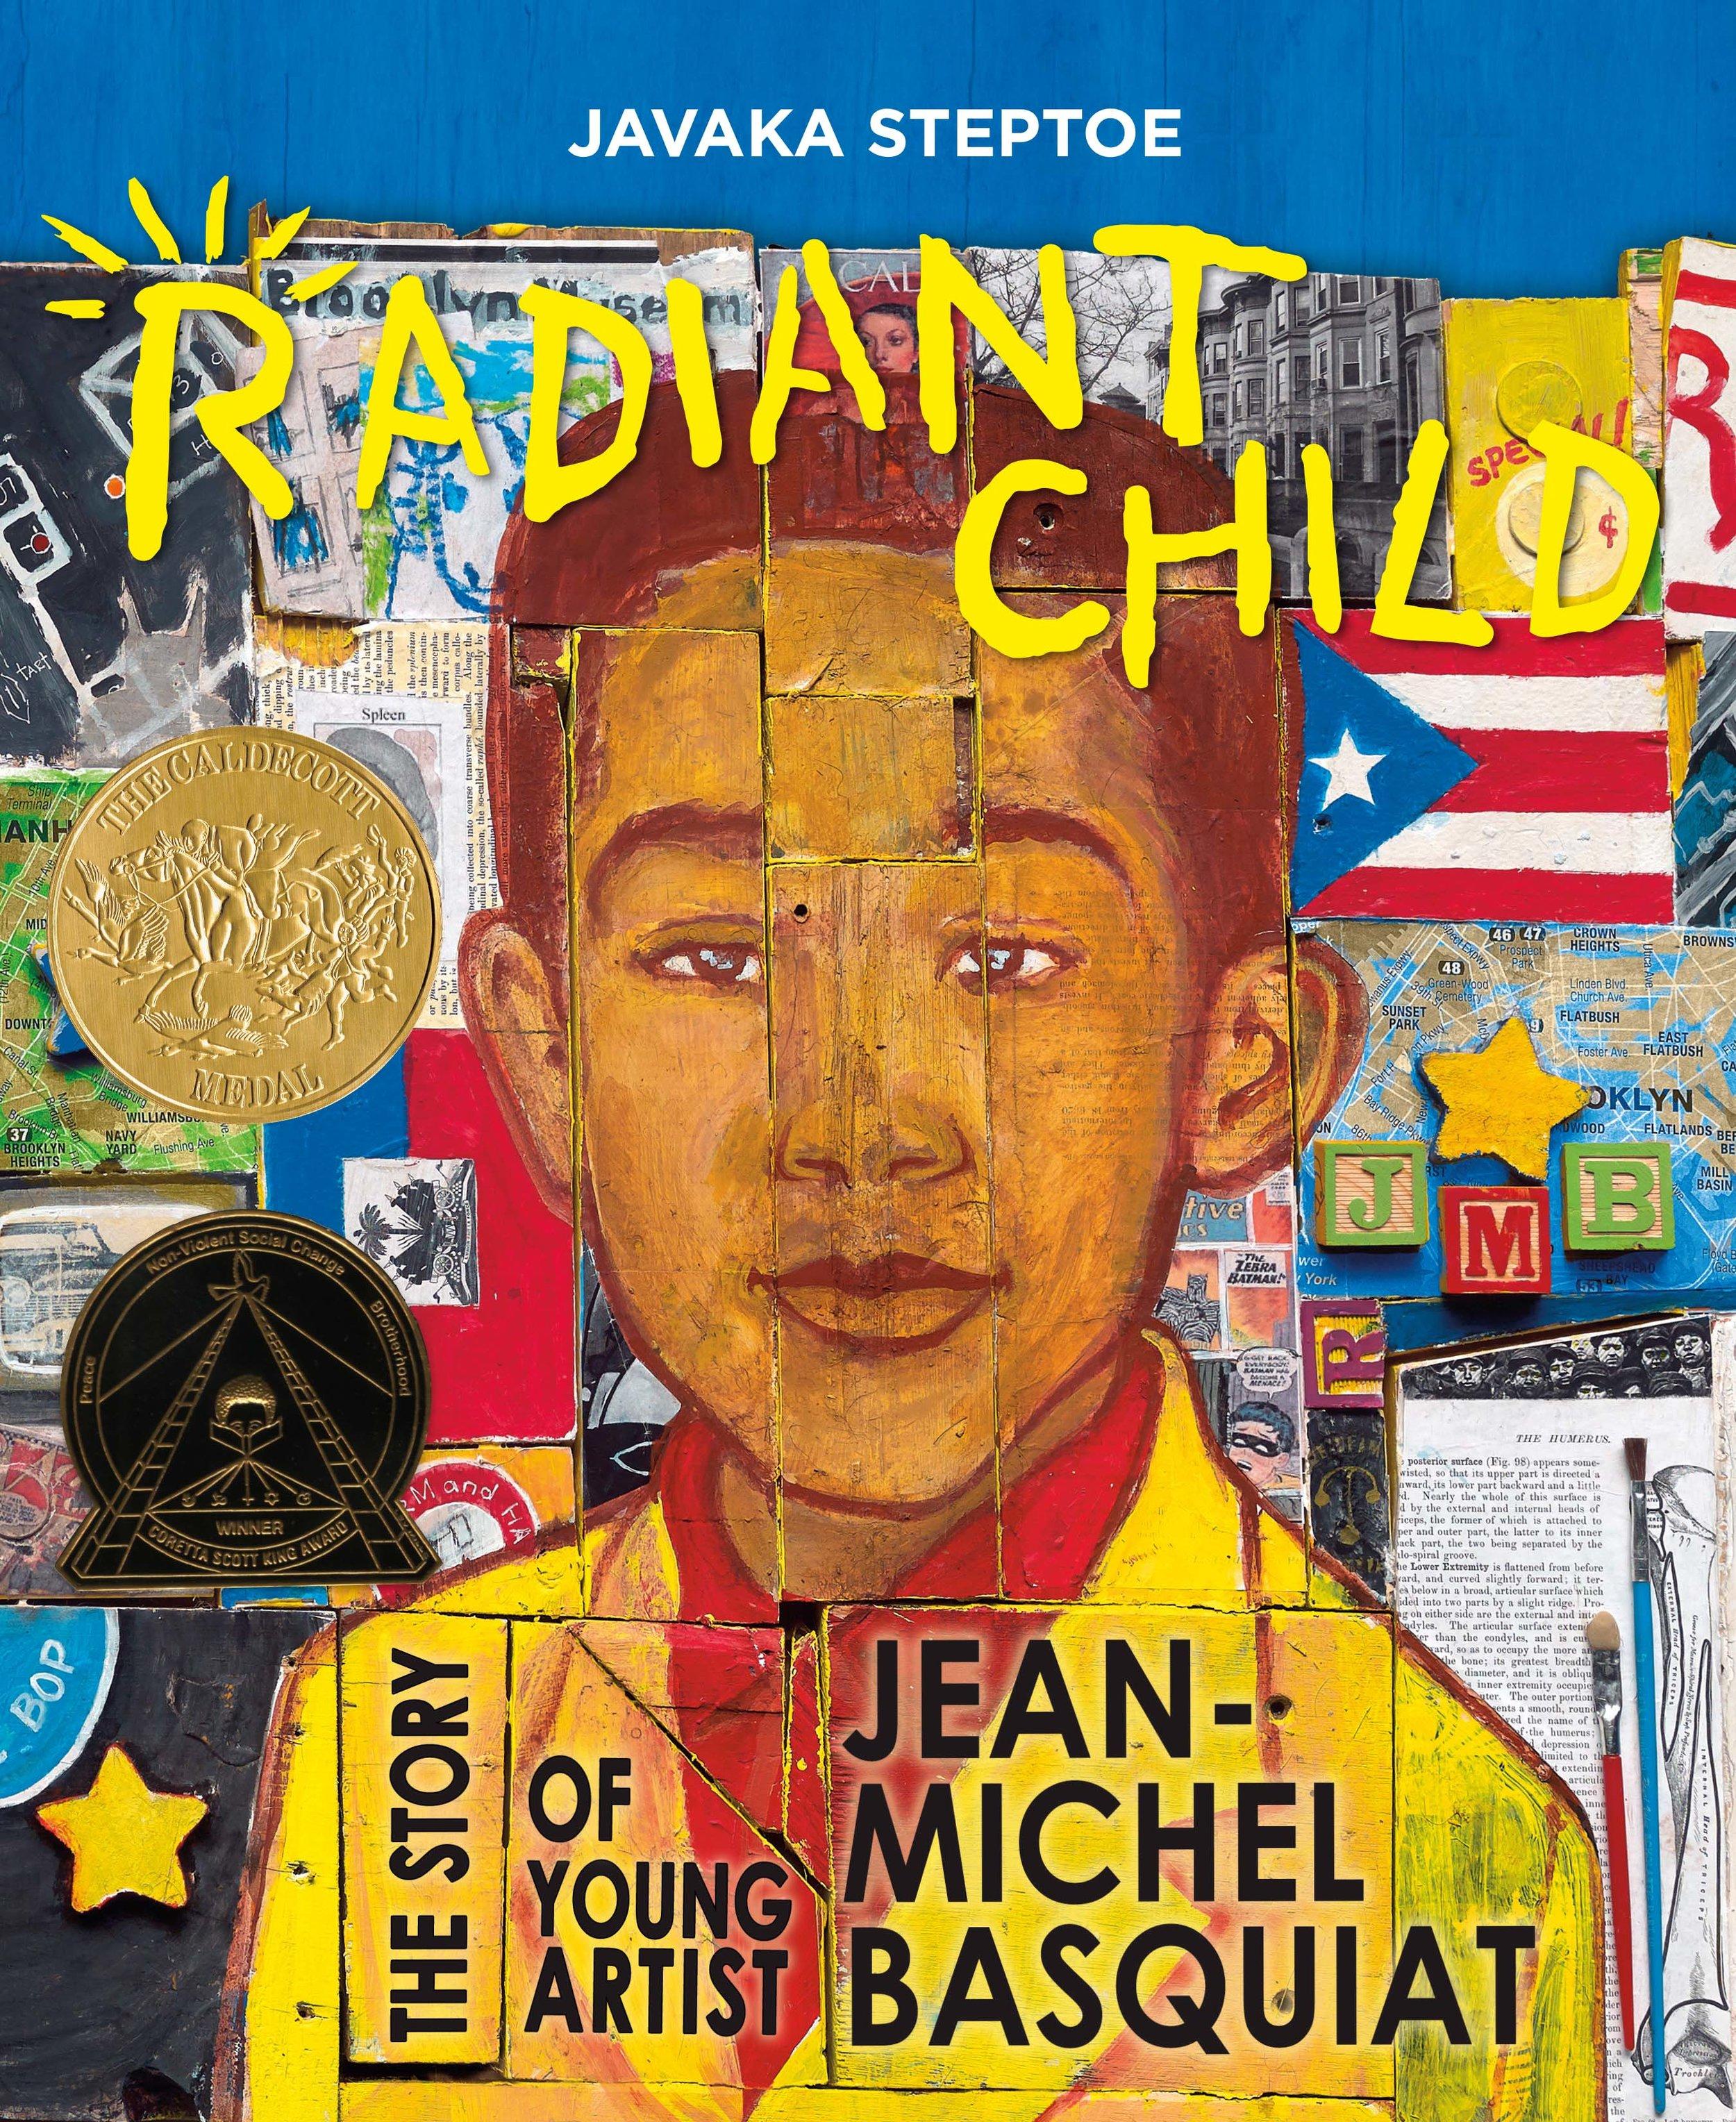 Radiant Child_CVR_FRNT_medal.jpg